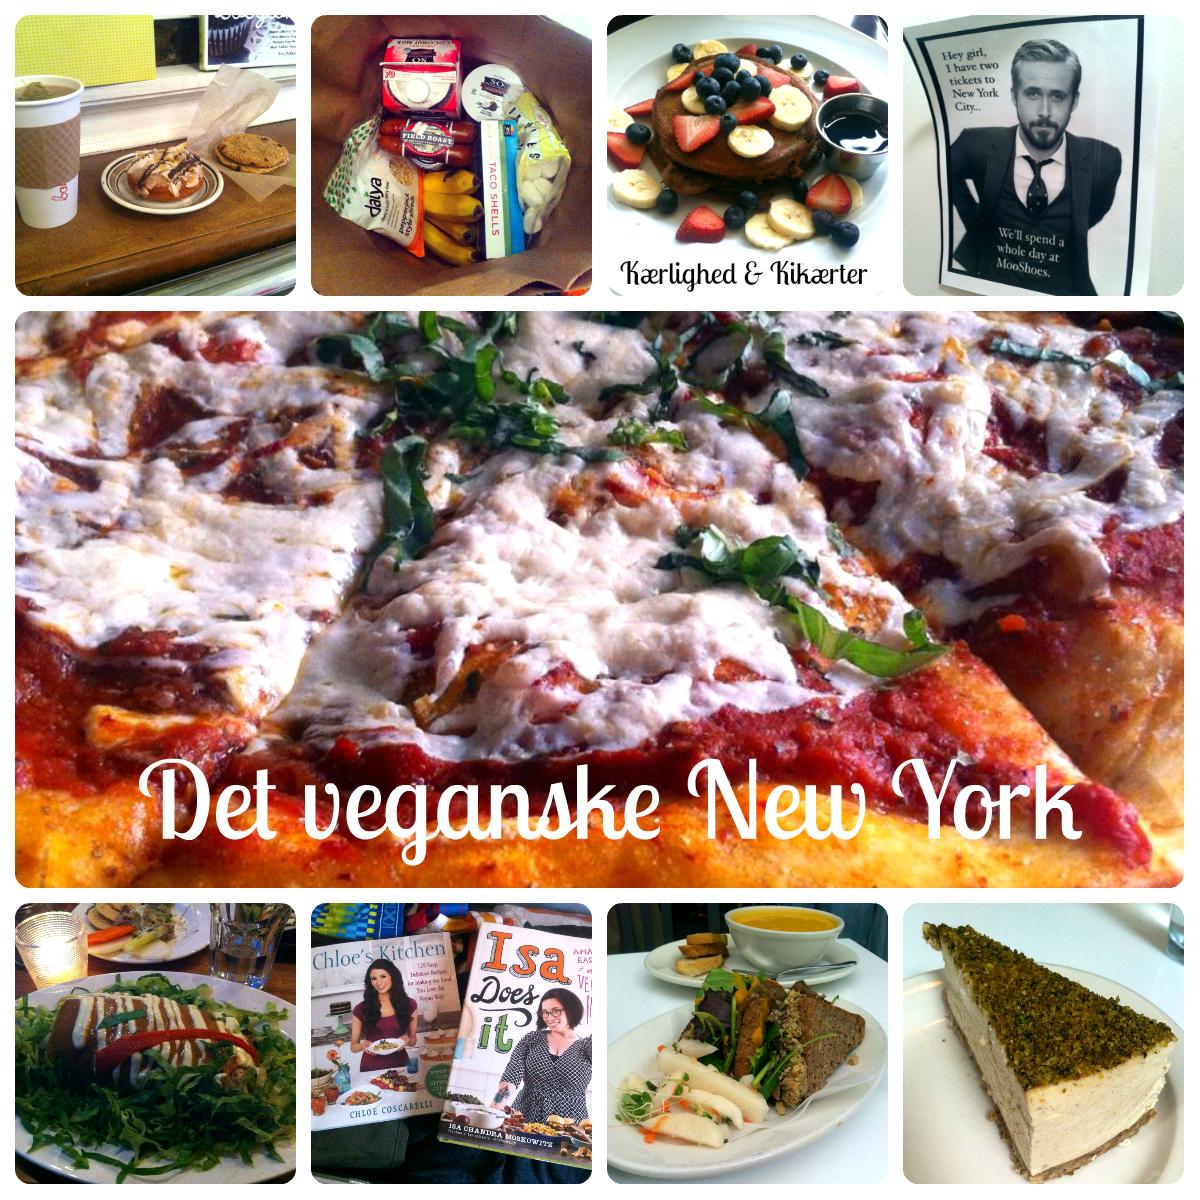 Ud at spise i New York, vegetar, veganer